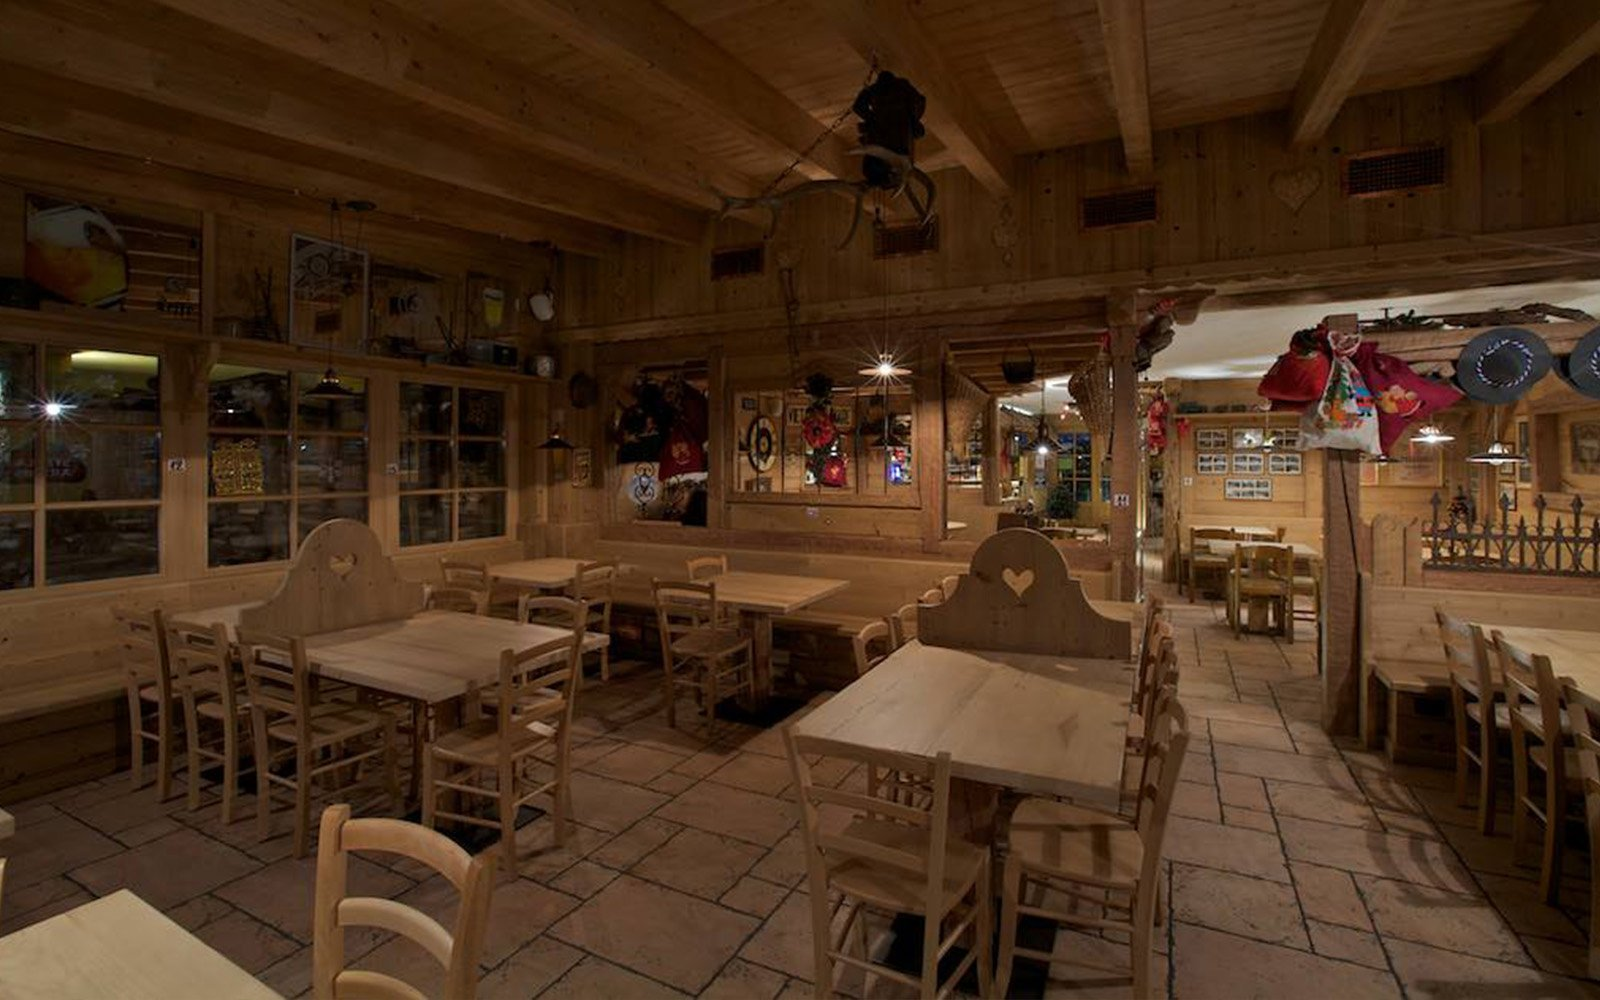 tavoli e sedie in legno all'interno di un locale